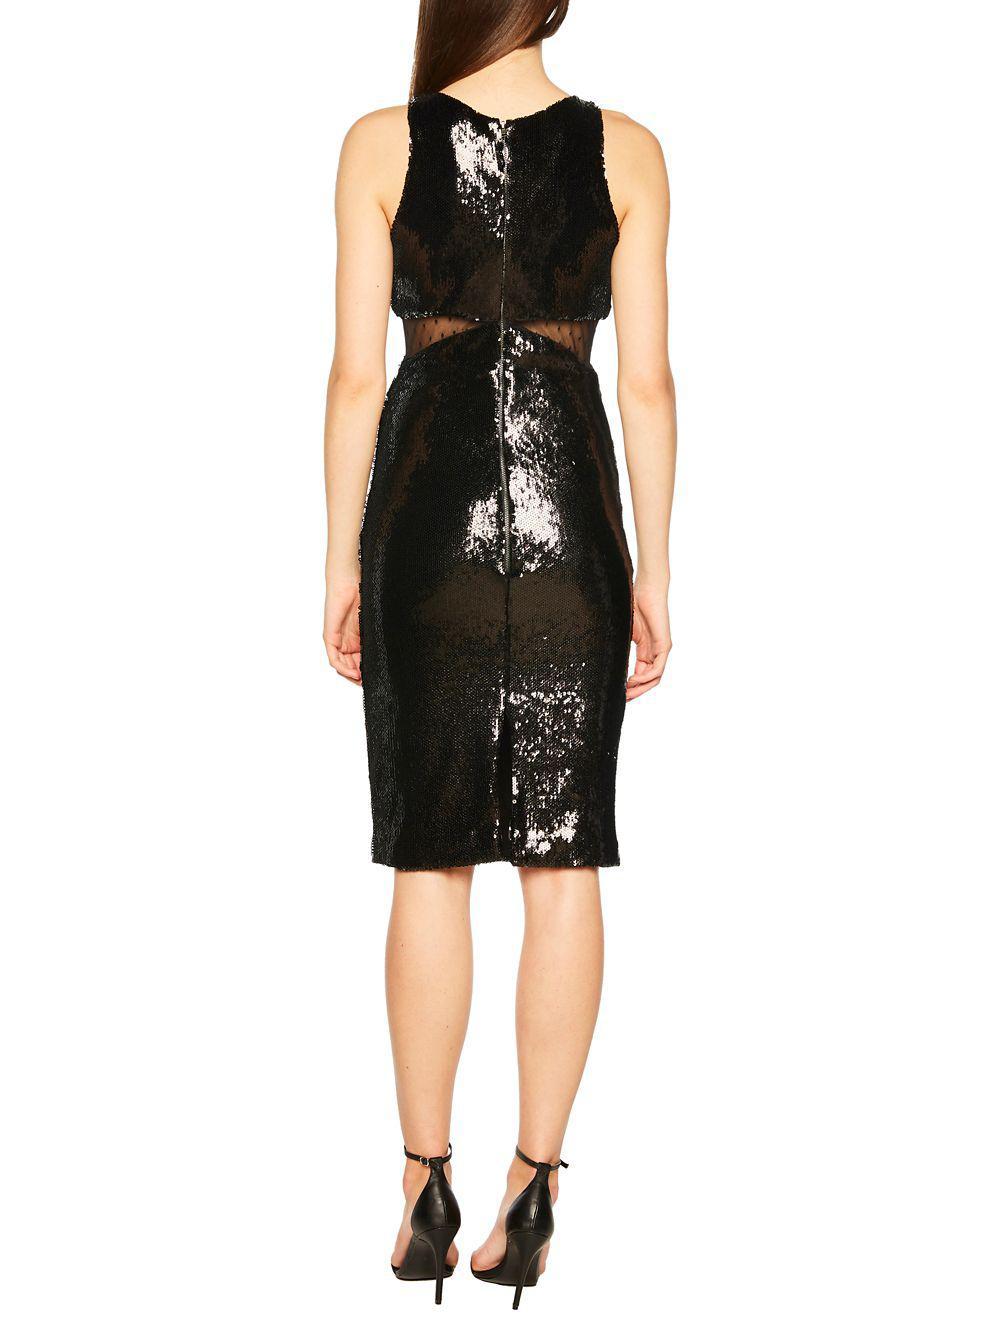 442693acd0e Bardot Splice Sequin Sheath Dress in Black - Lyst